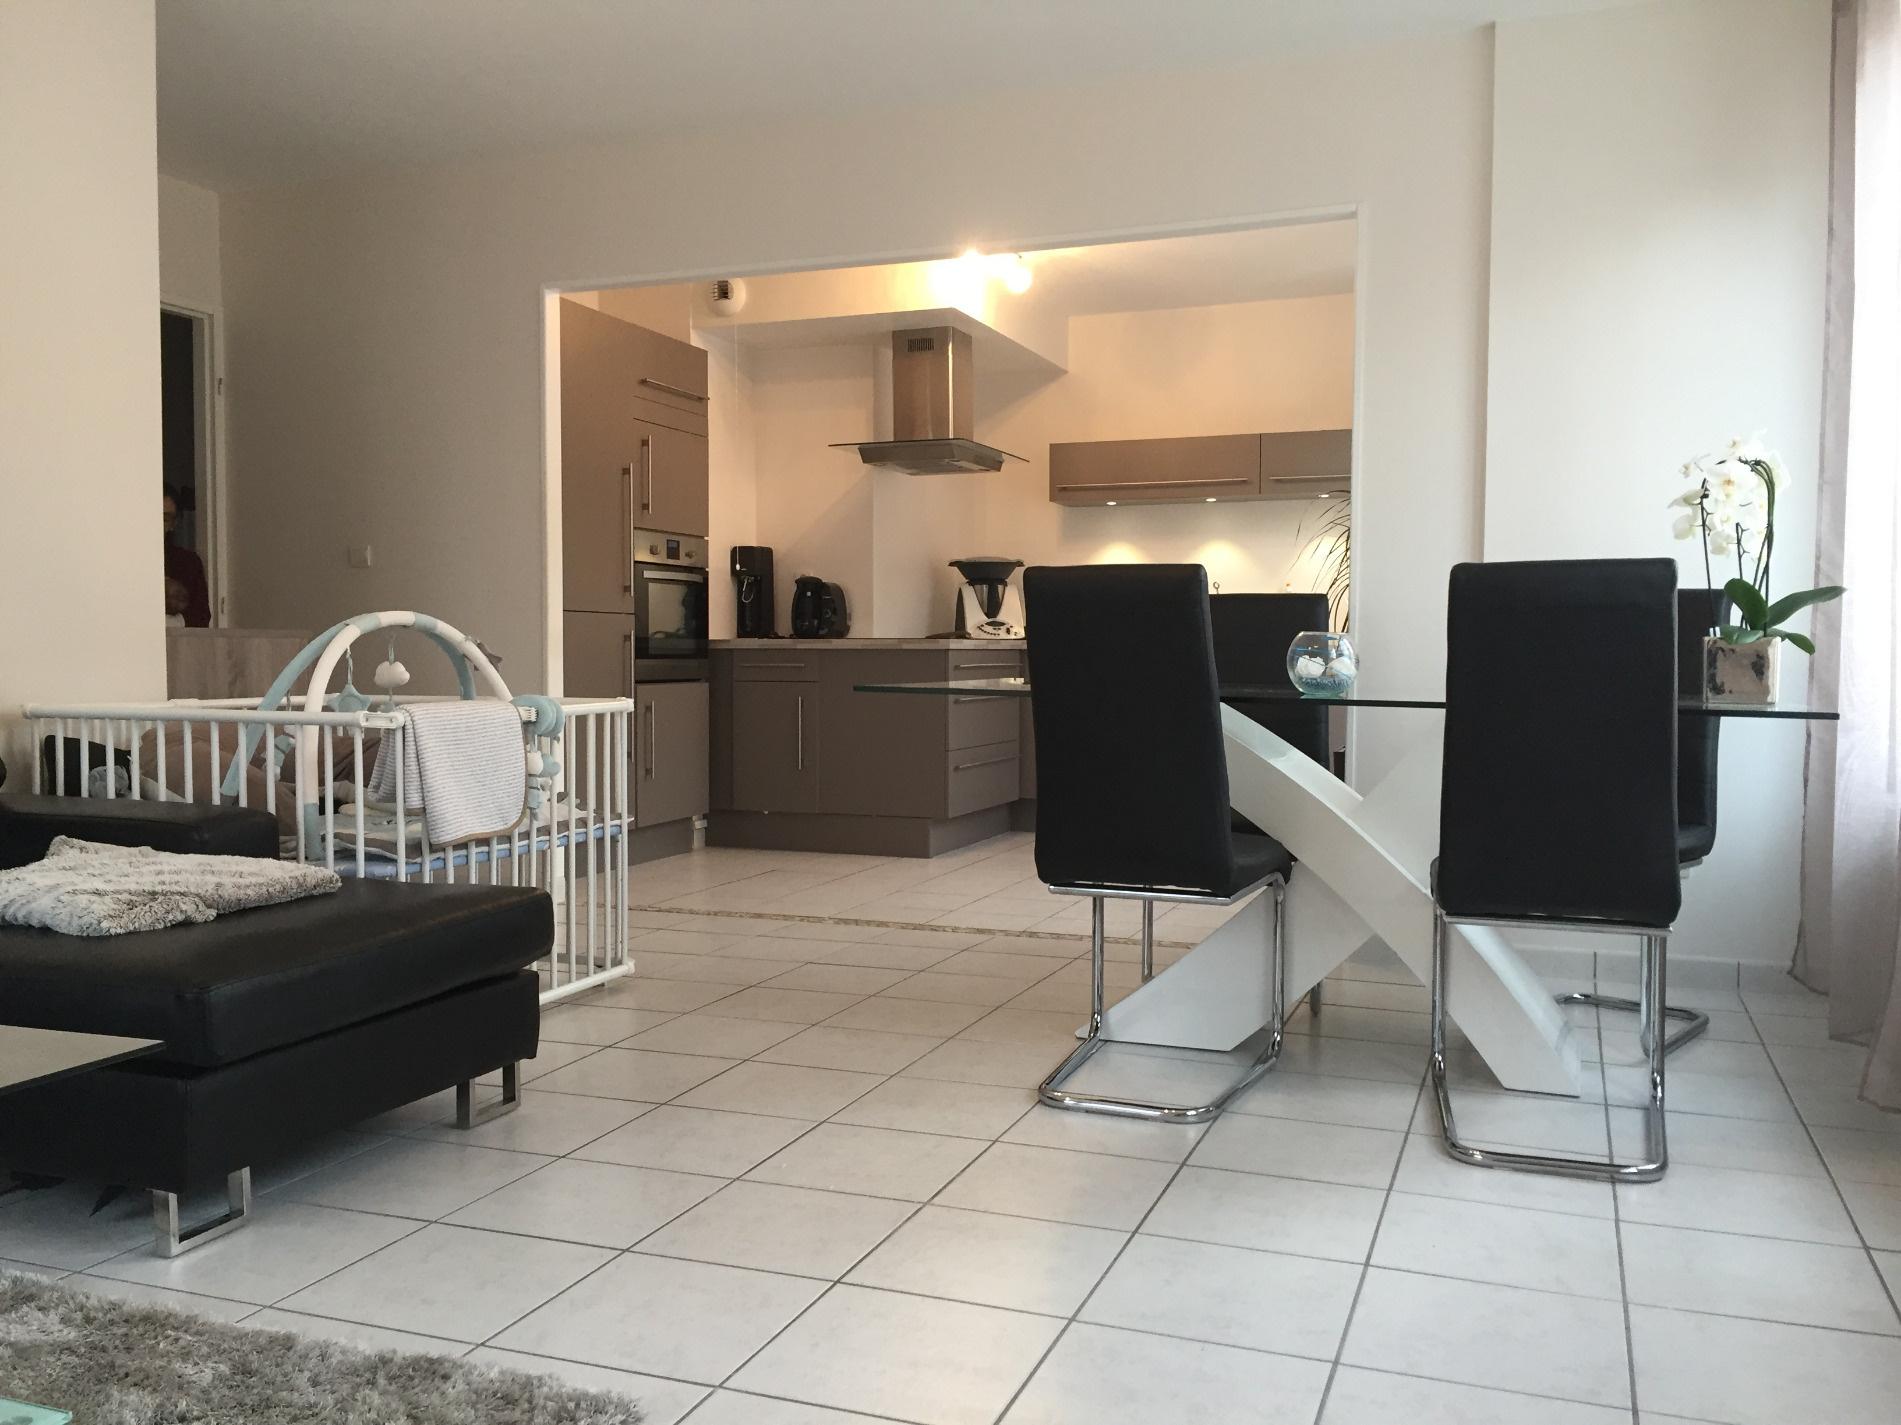 Immobilier portes les valence appartements terrains et villas valence et environs - Le loft portes les valence ...